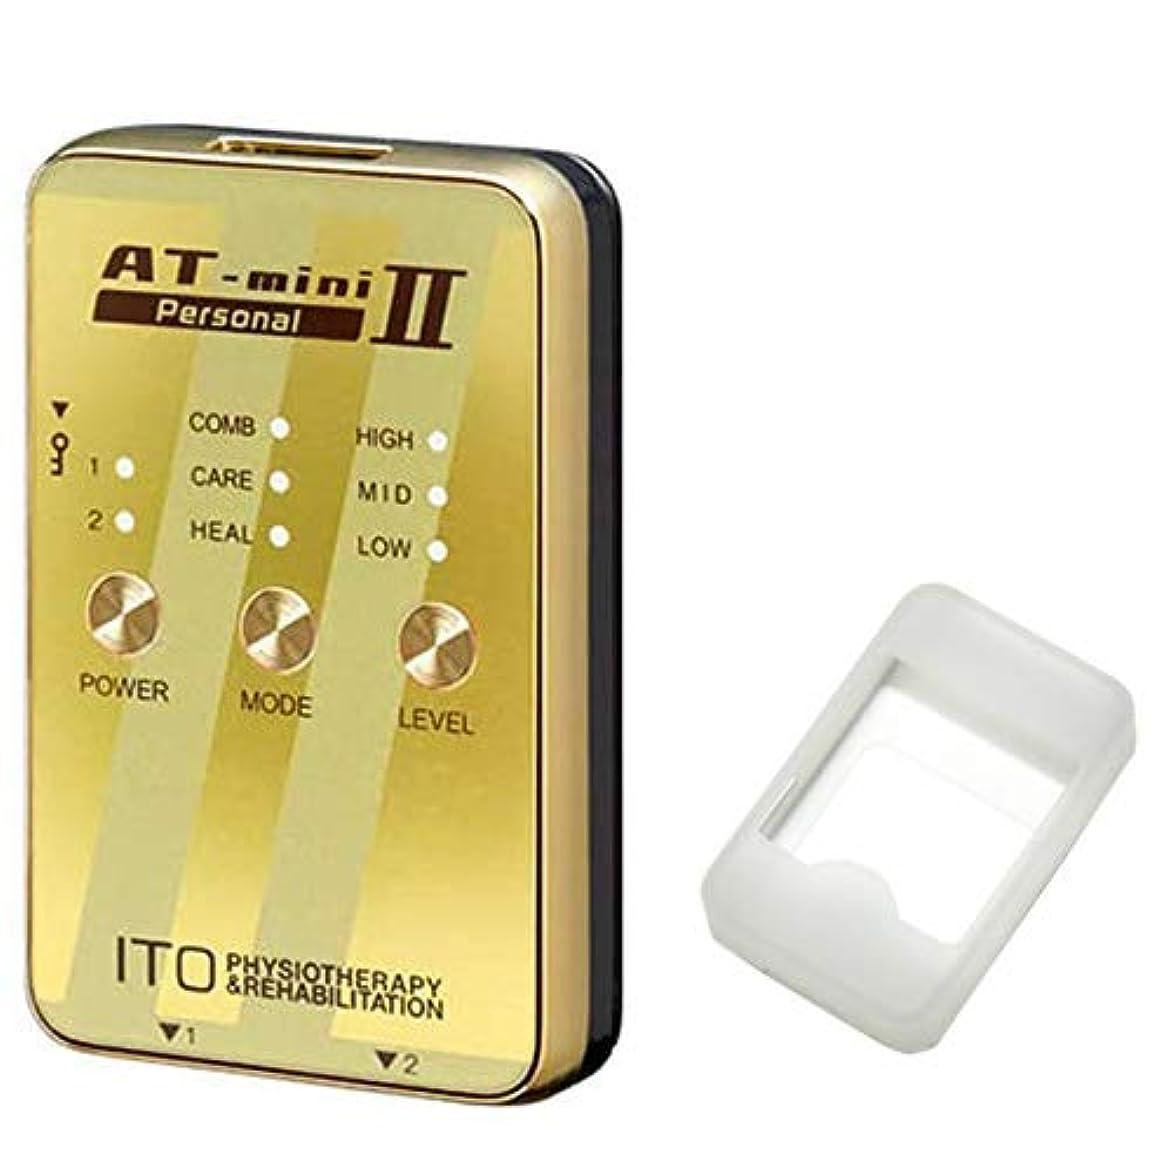 故障中メダリストマイク低周波治療器 AT-mini personal II ゴールド (ATミニパーソナル2) + シリコン保護ケース